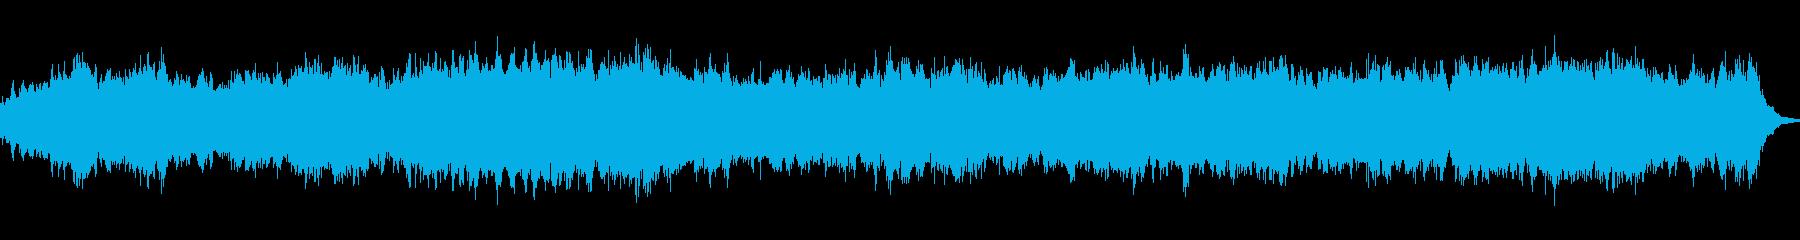 ダークな映像向けのアンビエントです。の再生済みの波形